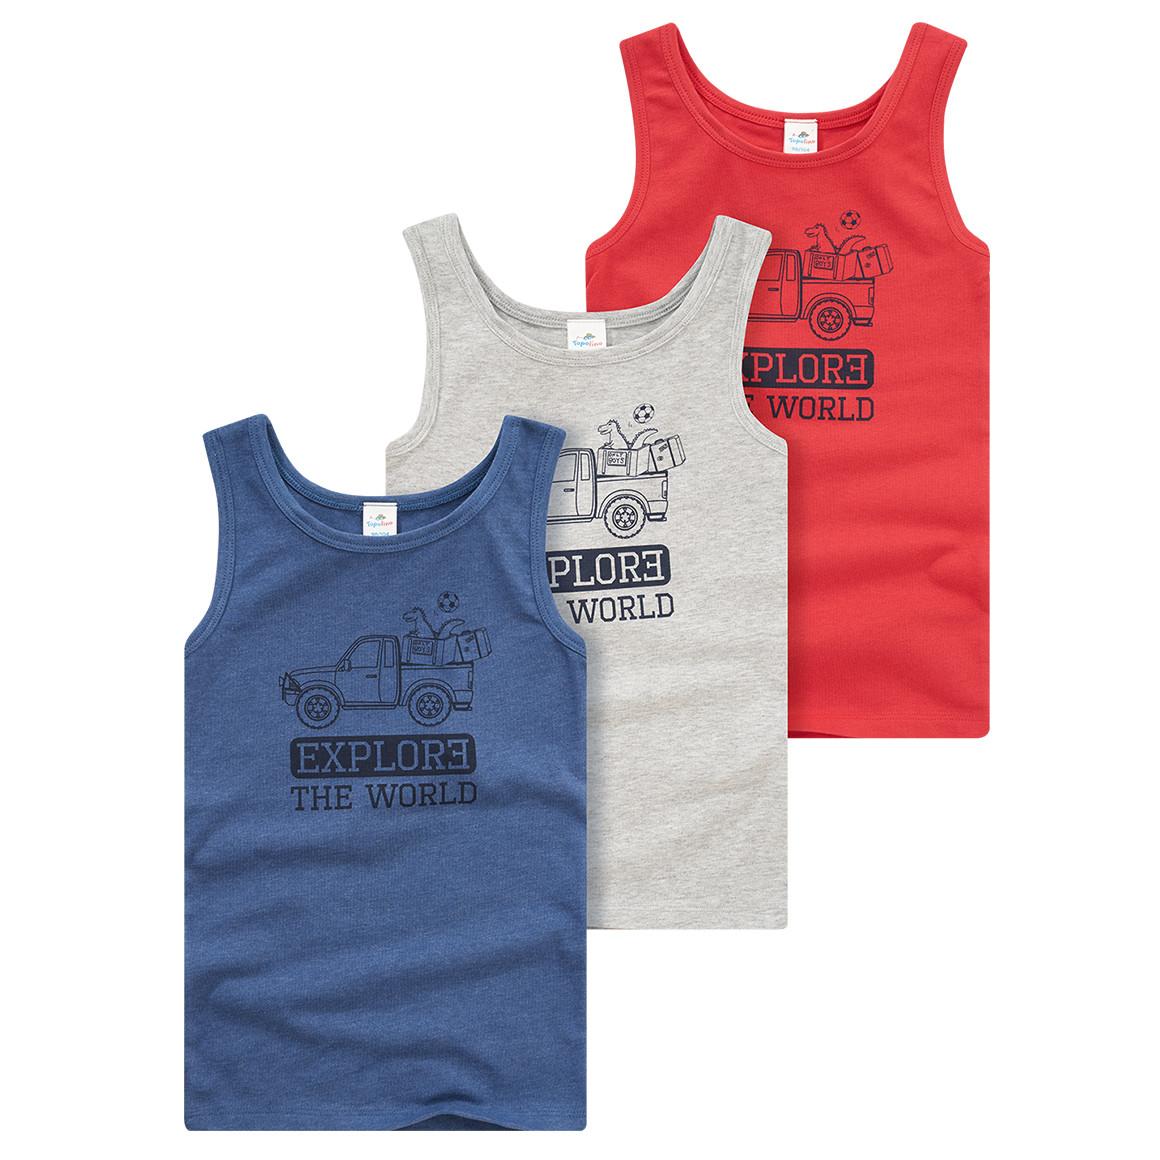 3 Jungen Unterhemden in verschiedenen Farben